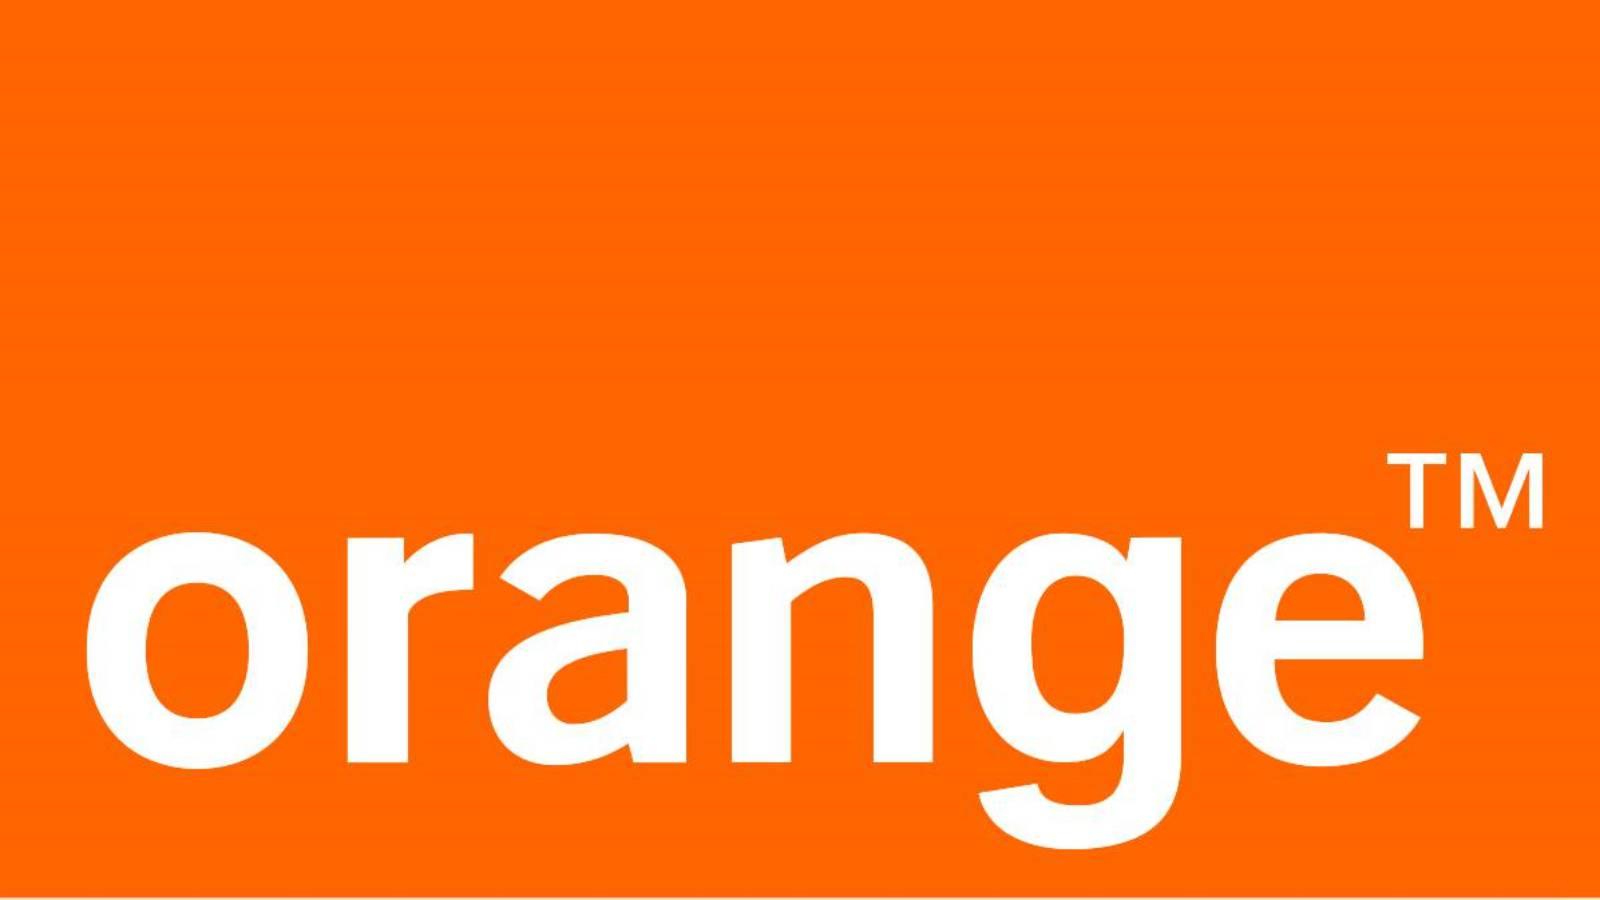 Orange desene